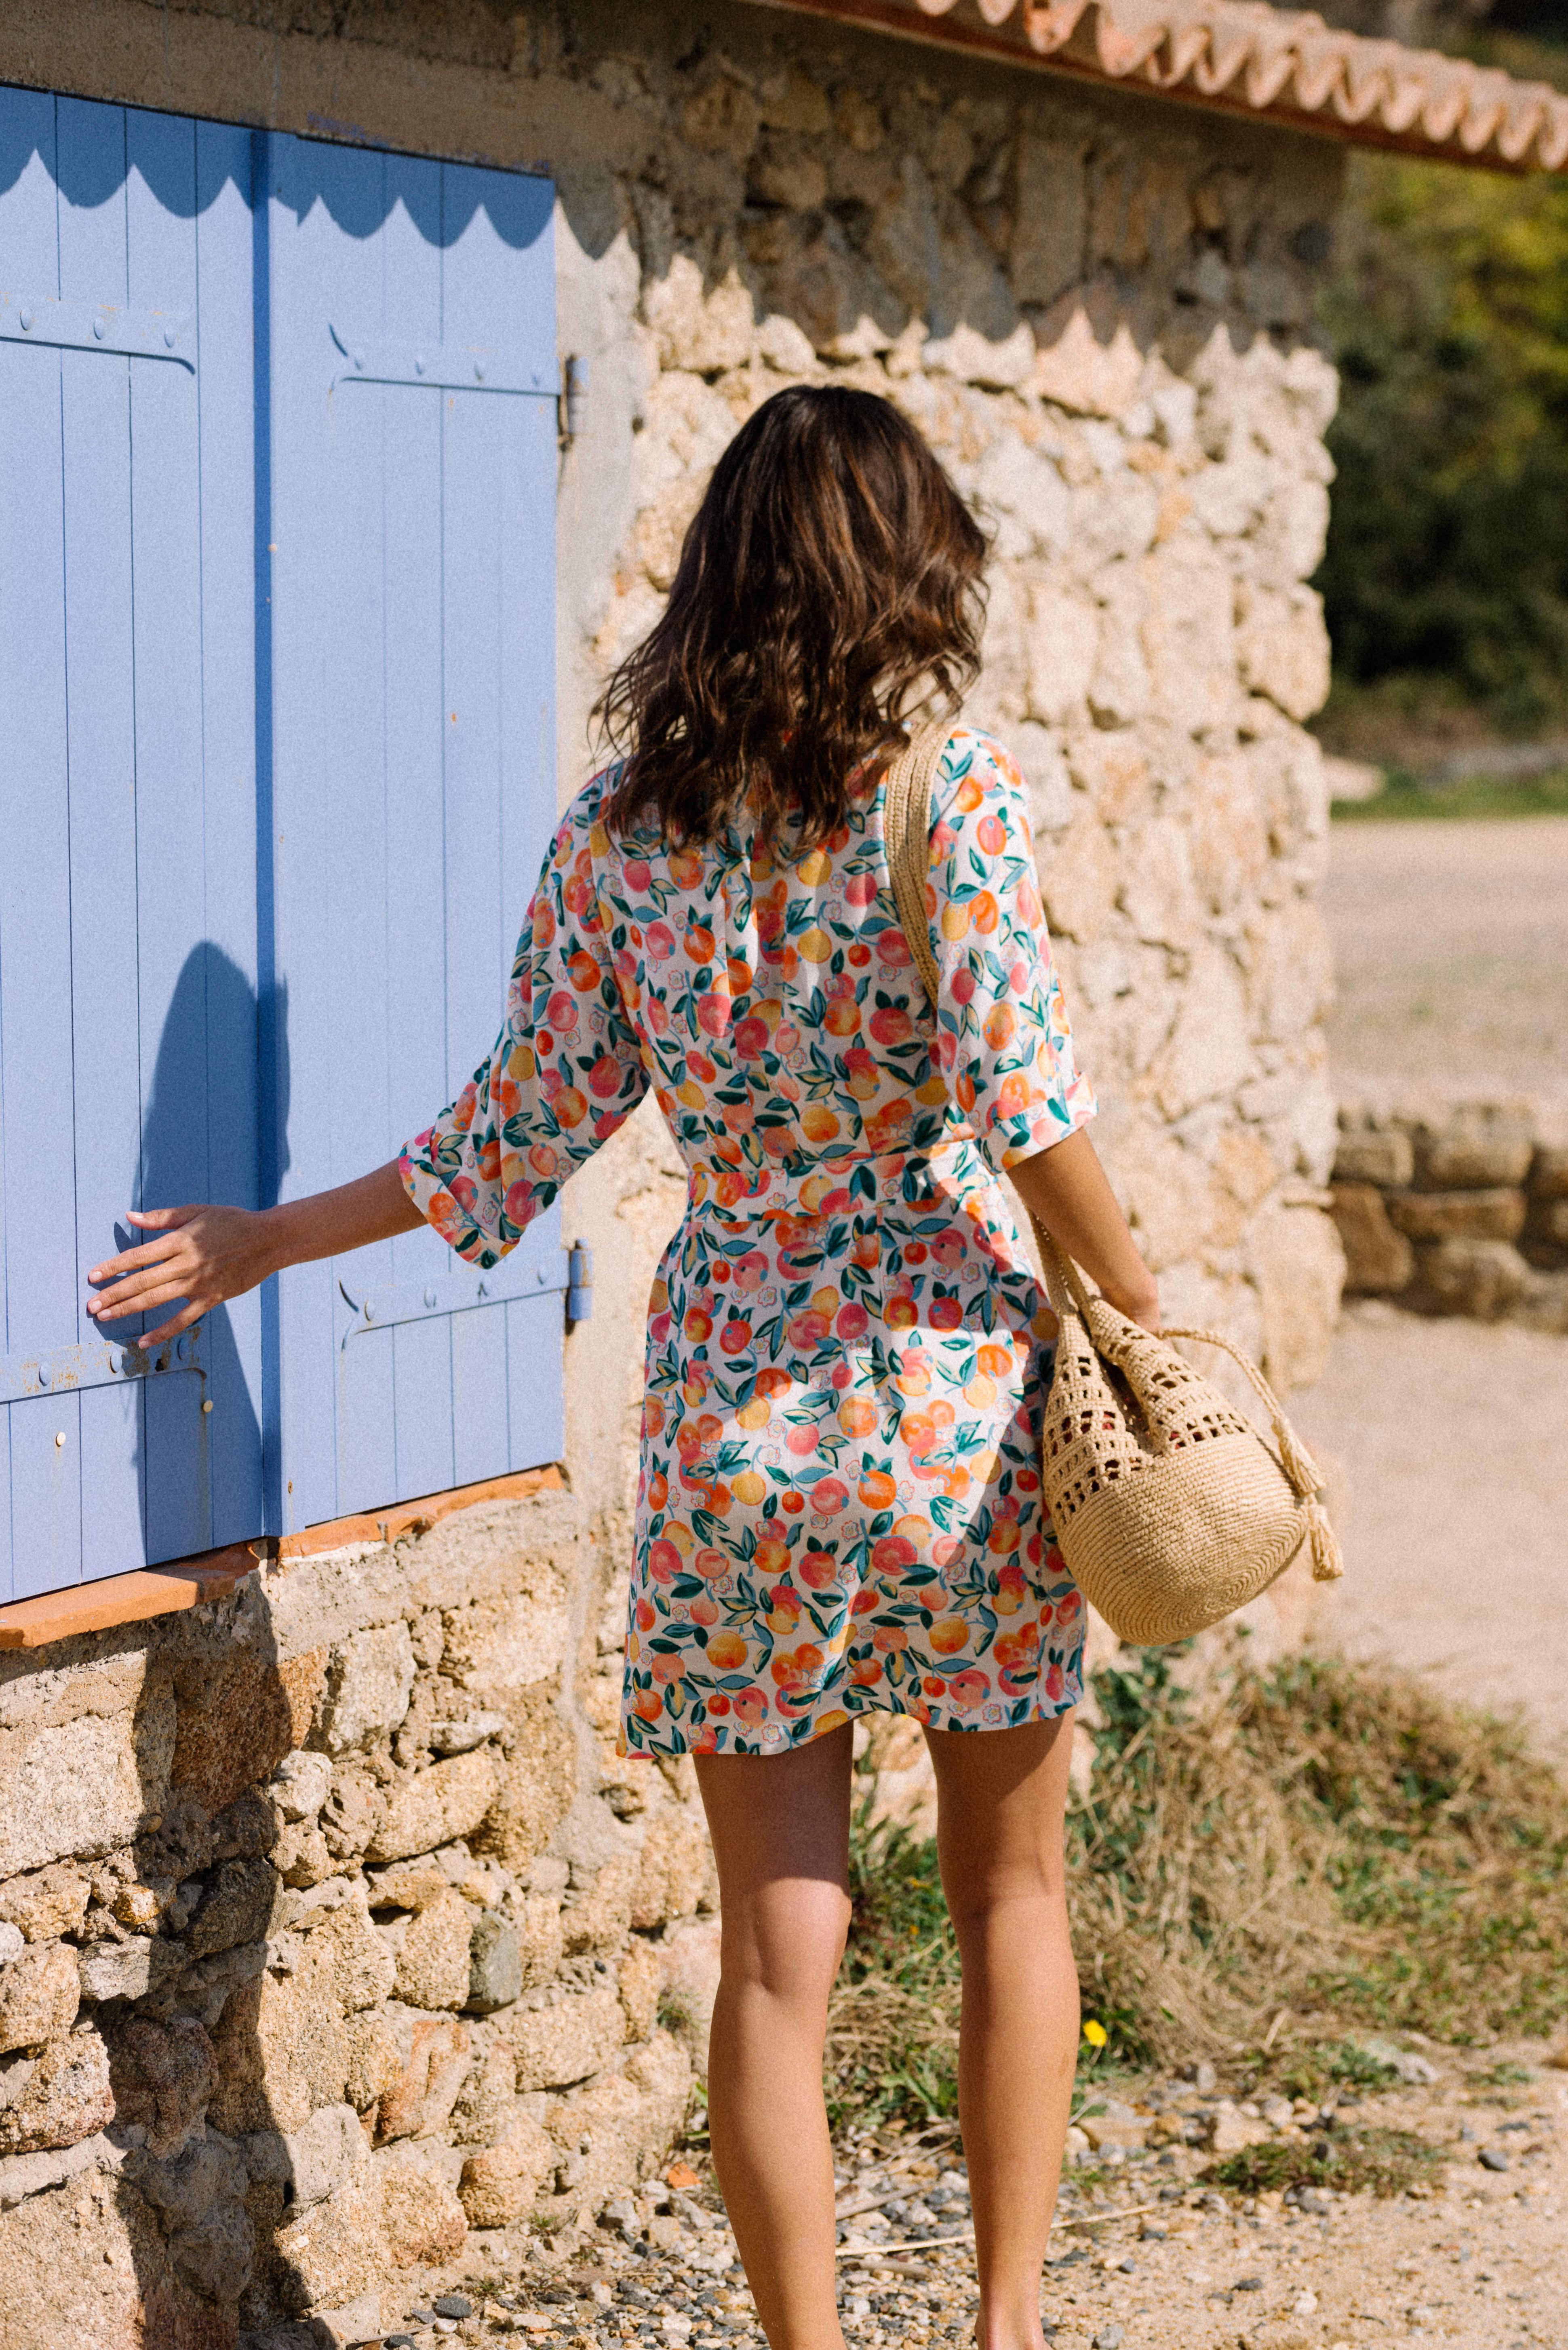 Dress Voyage léger in Tutti frutti print